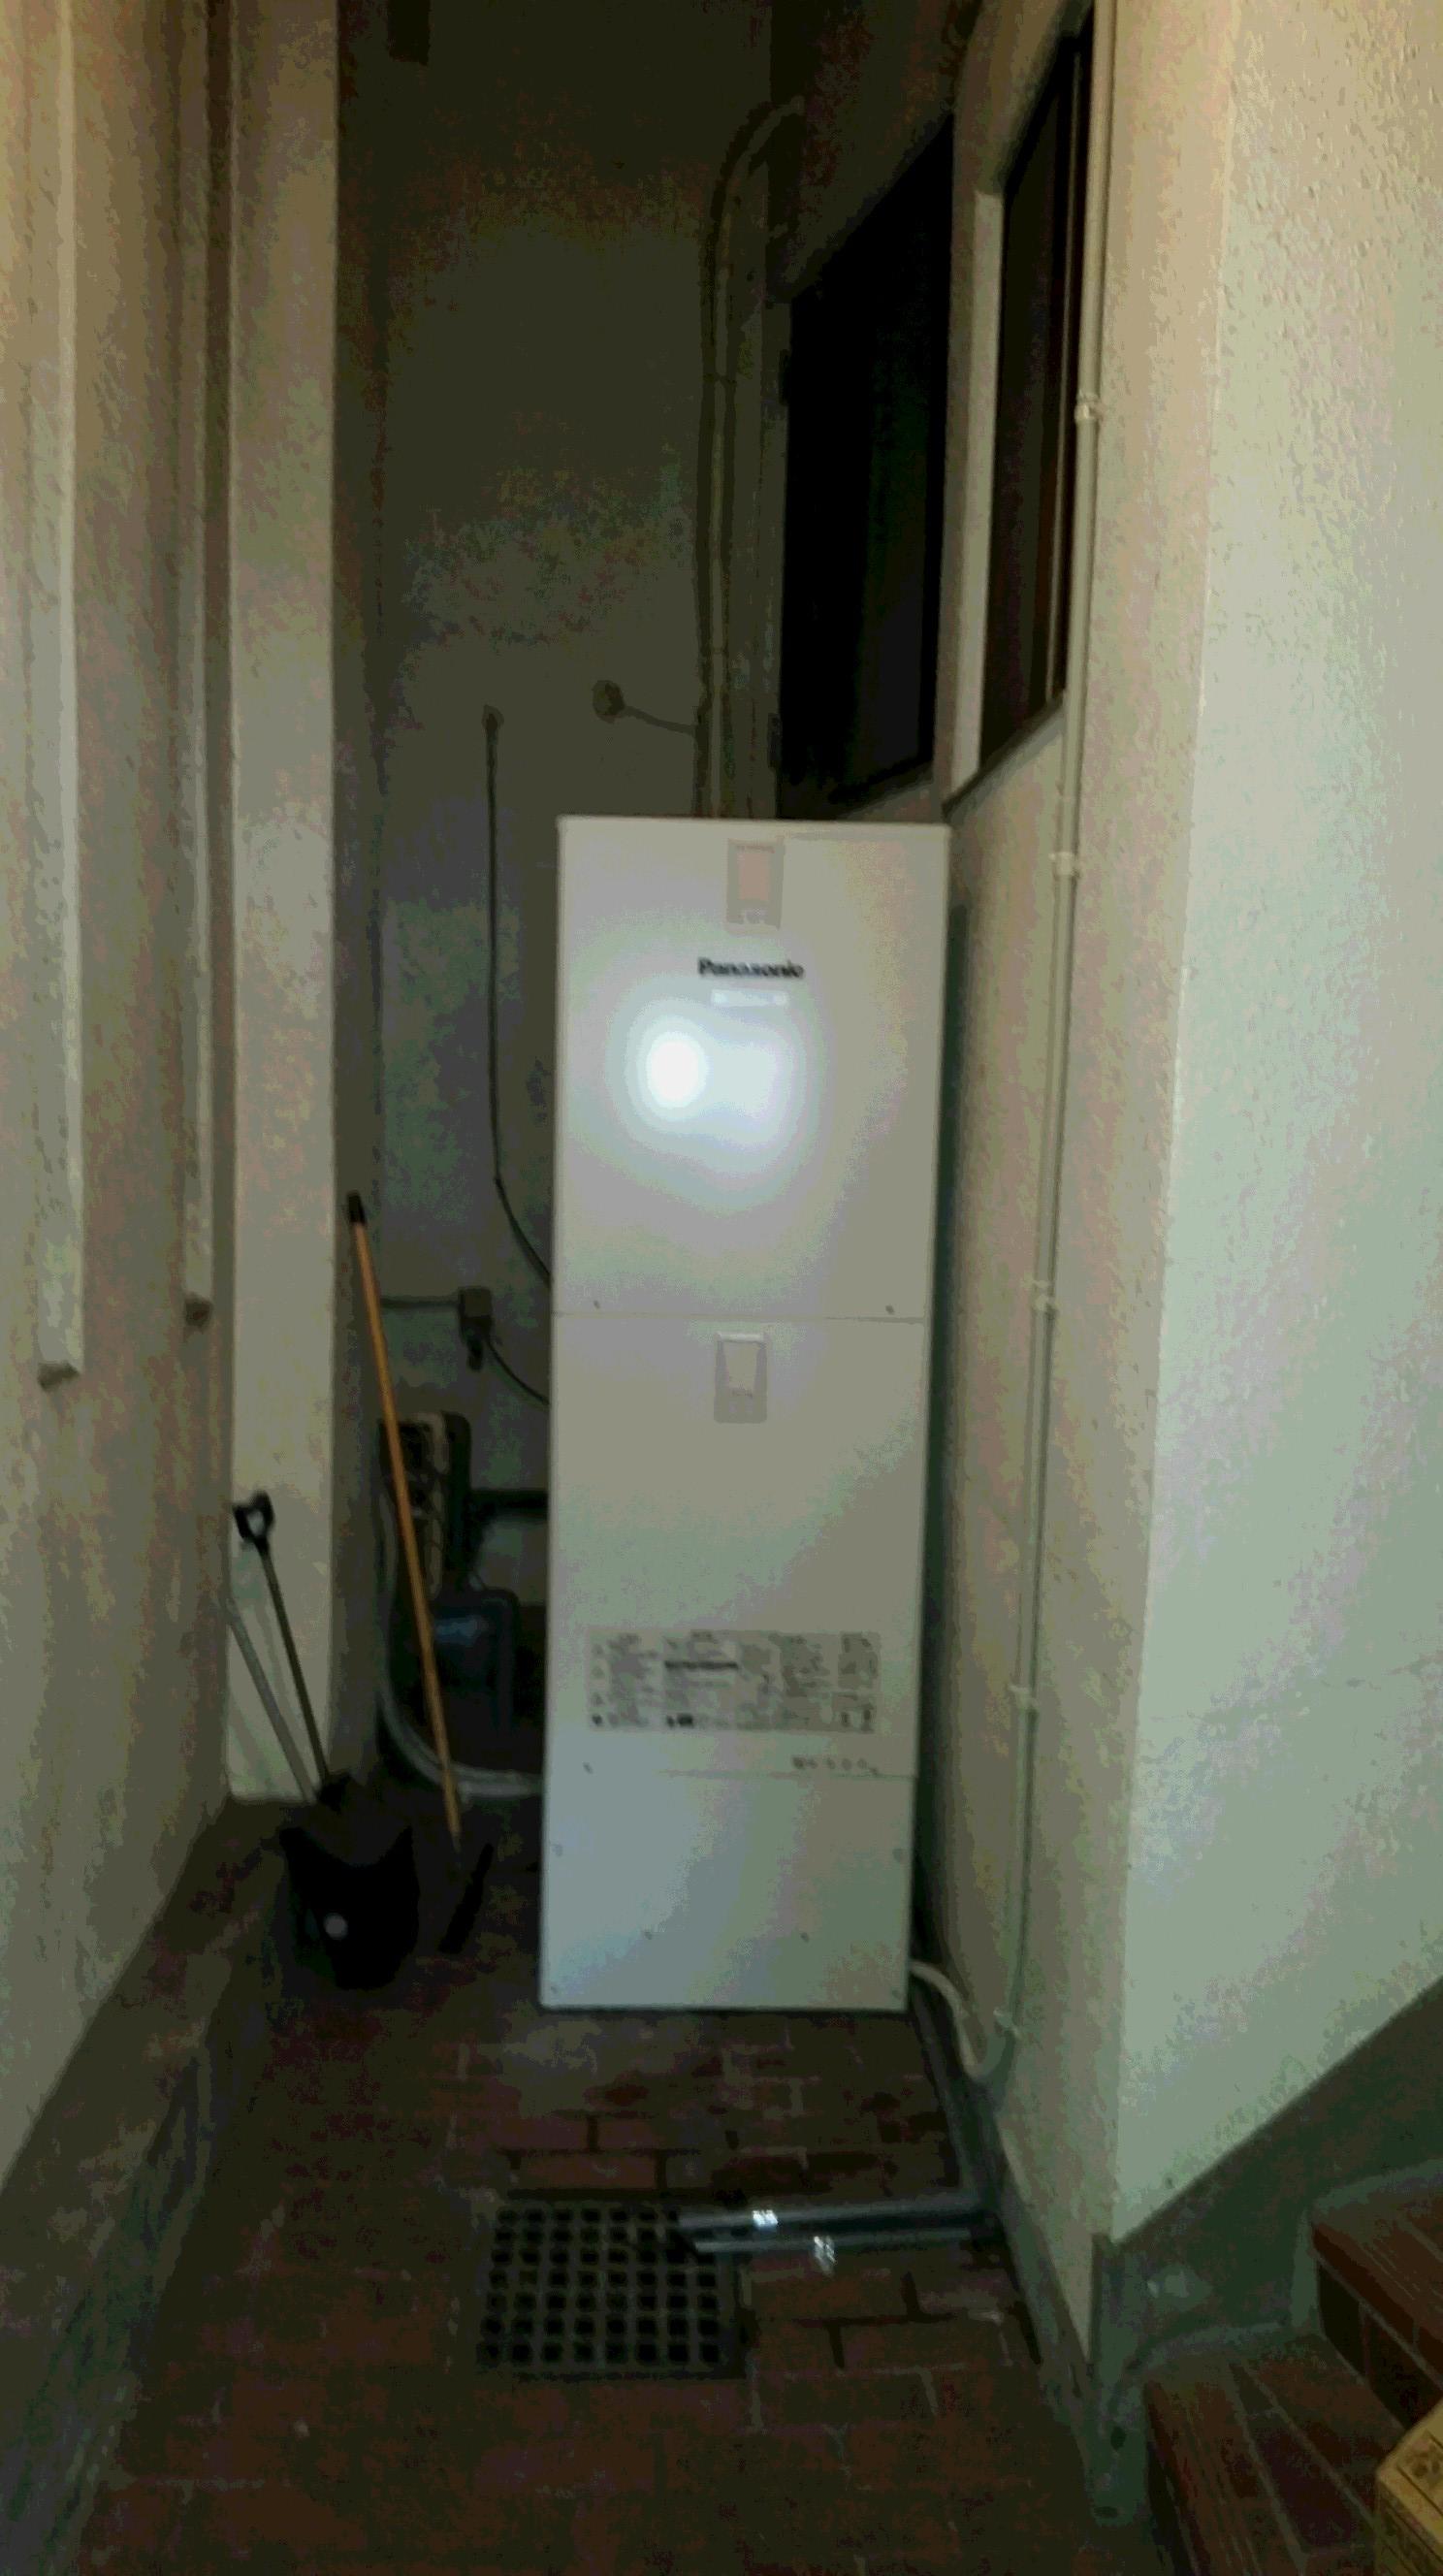 滋賀県Panasonicエコキュート(床暖対応)HE-D37FQS施工後の写真